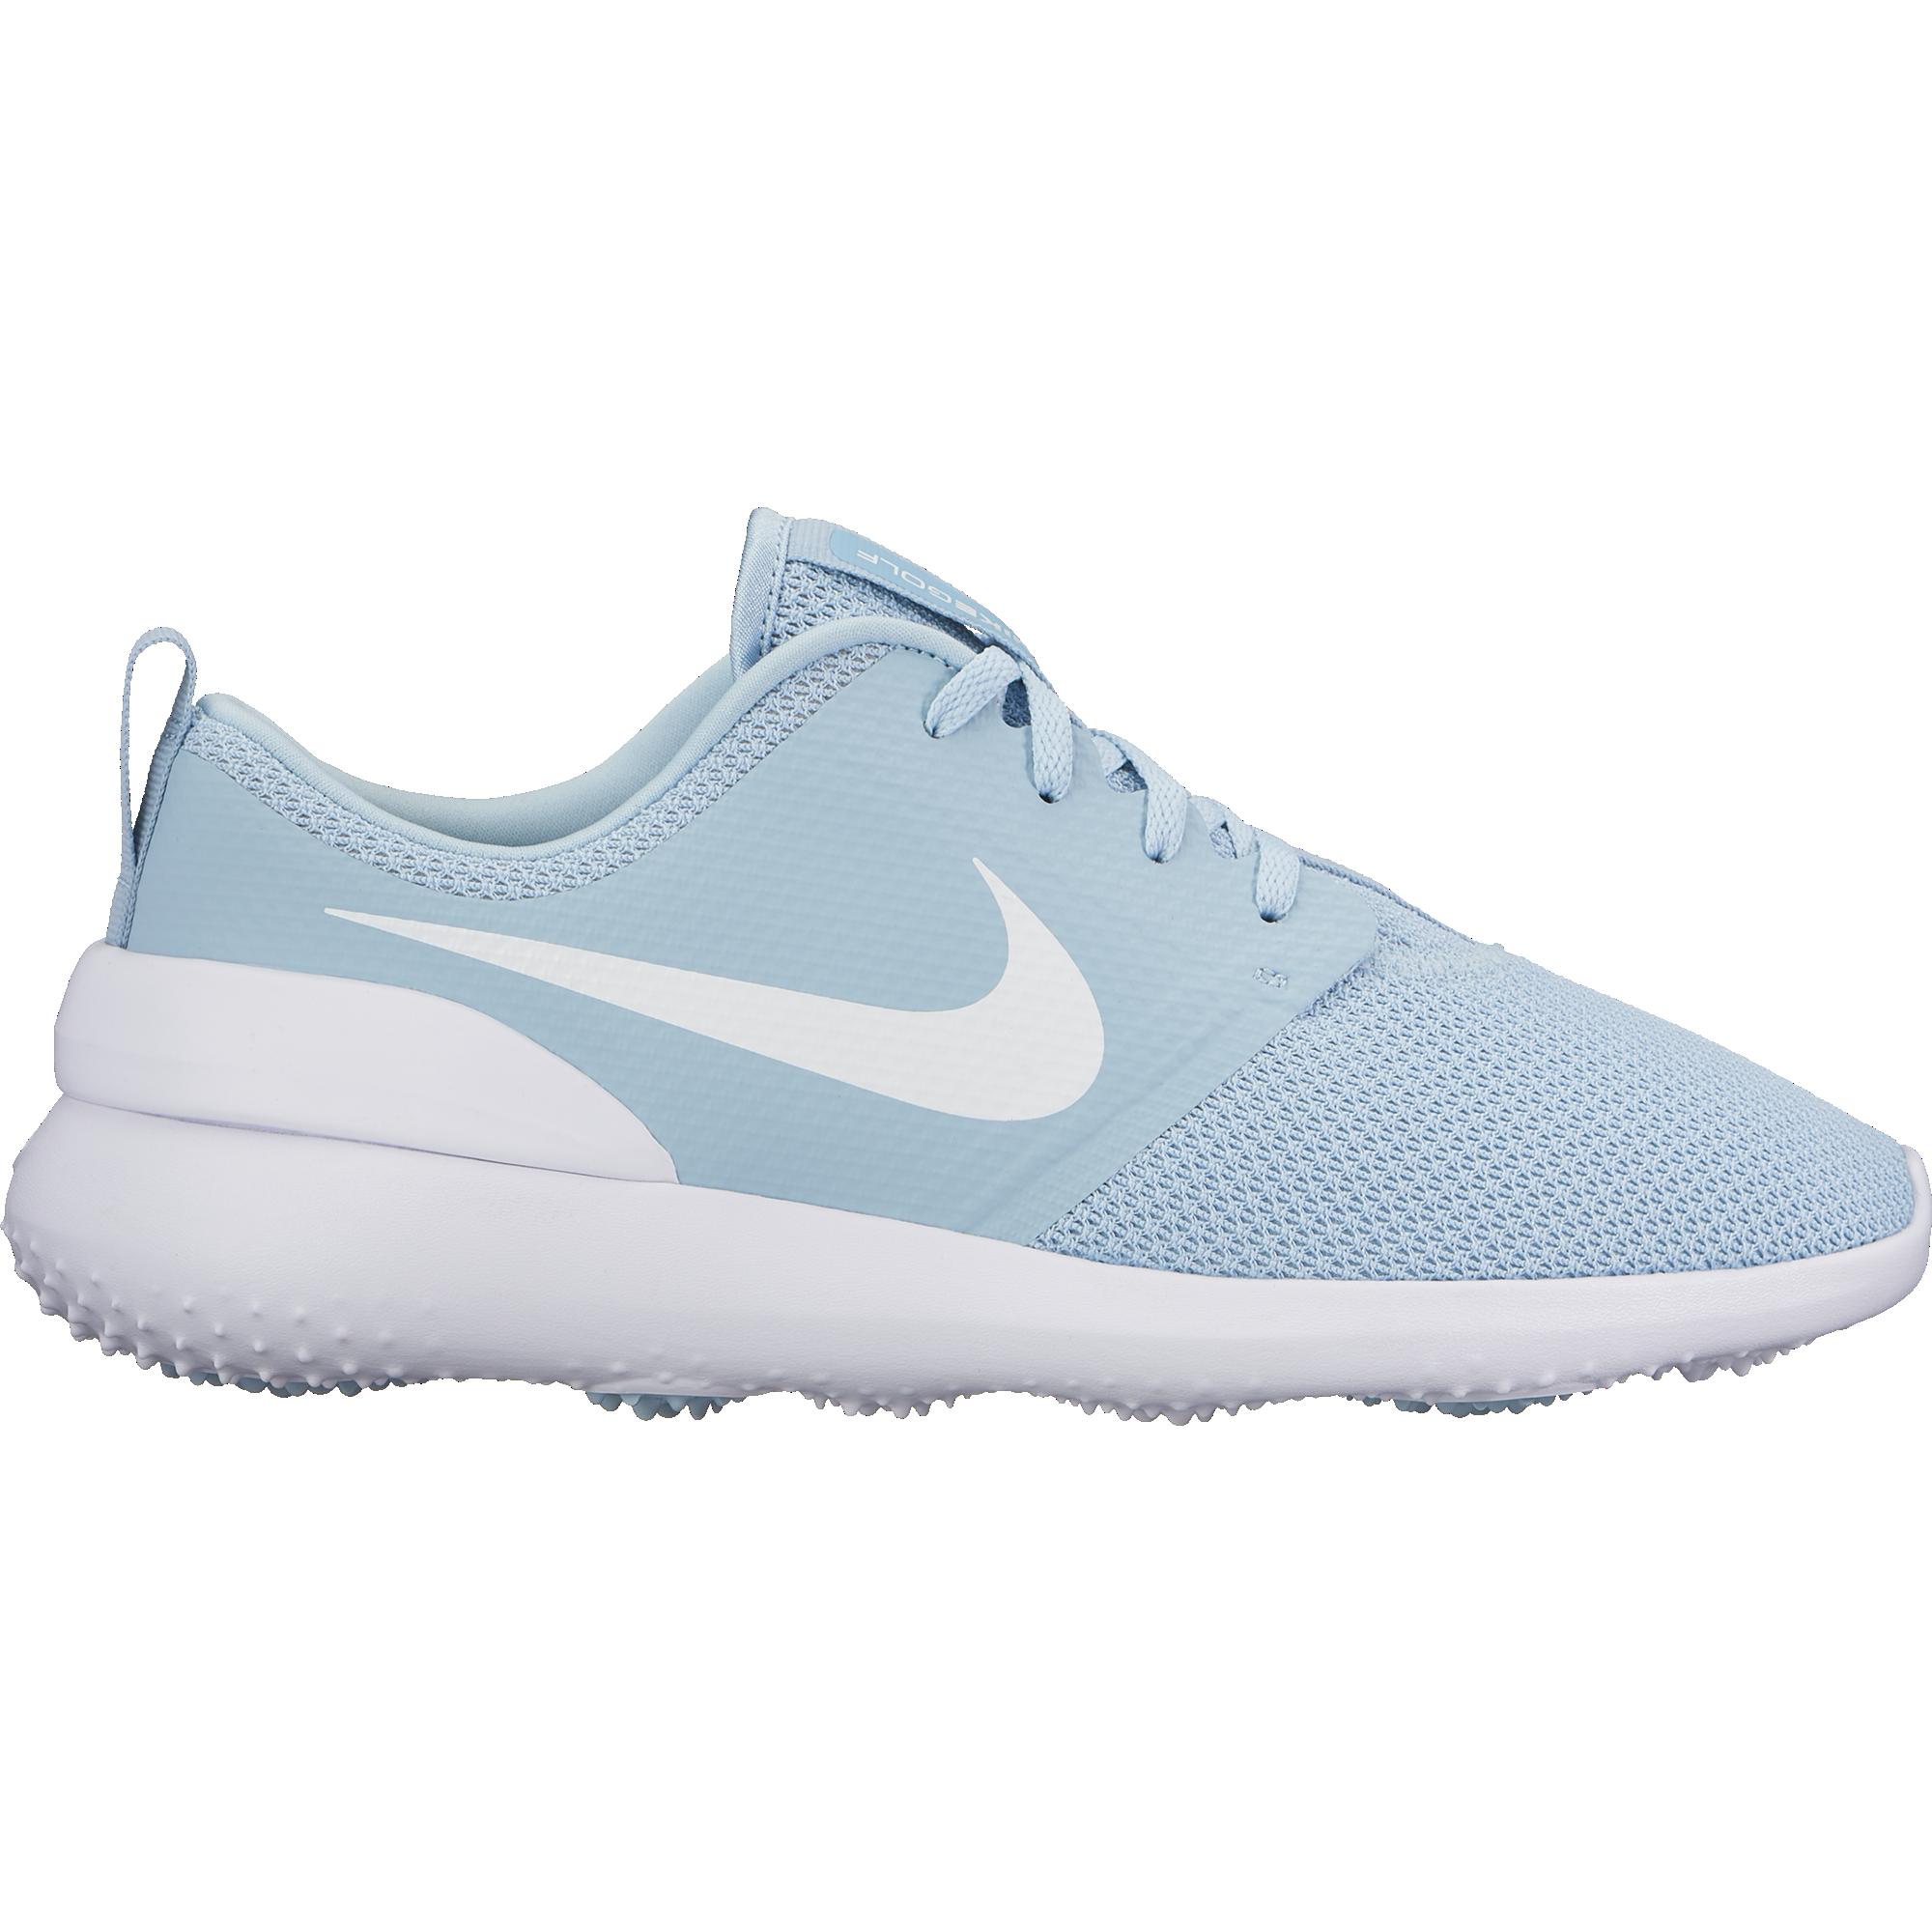 Nike Roshe G Women's Golf Shoe - Light